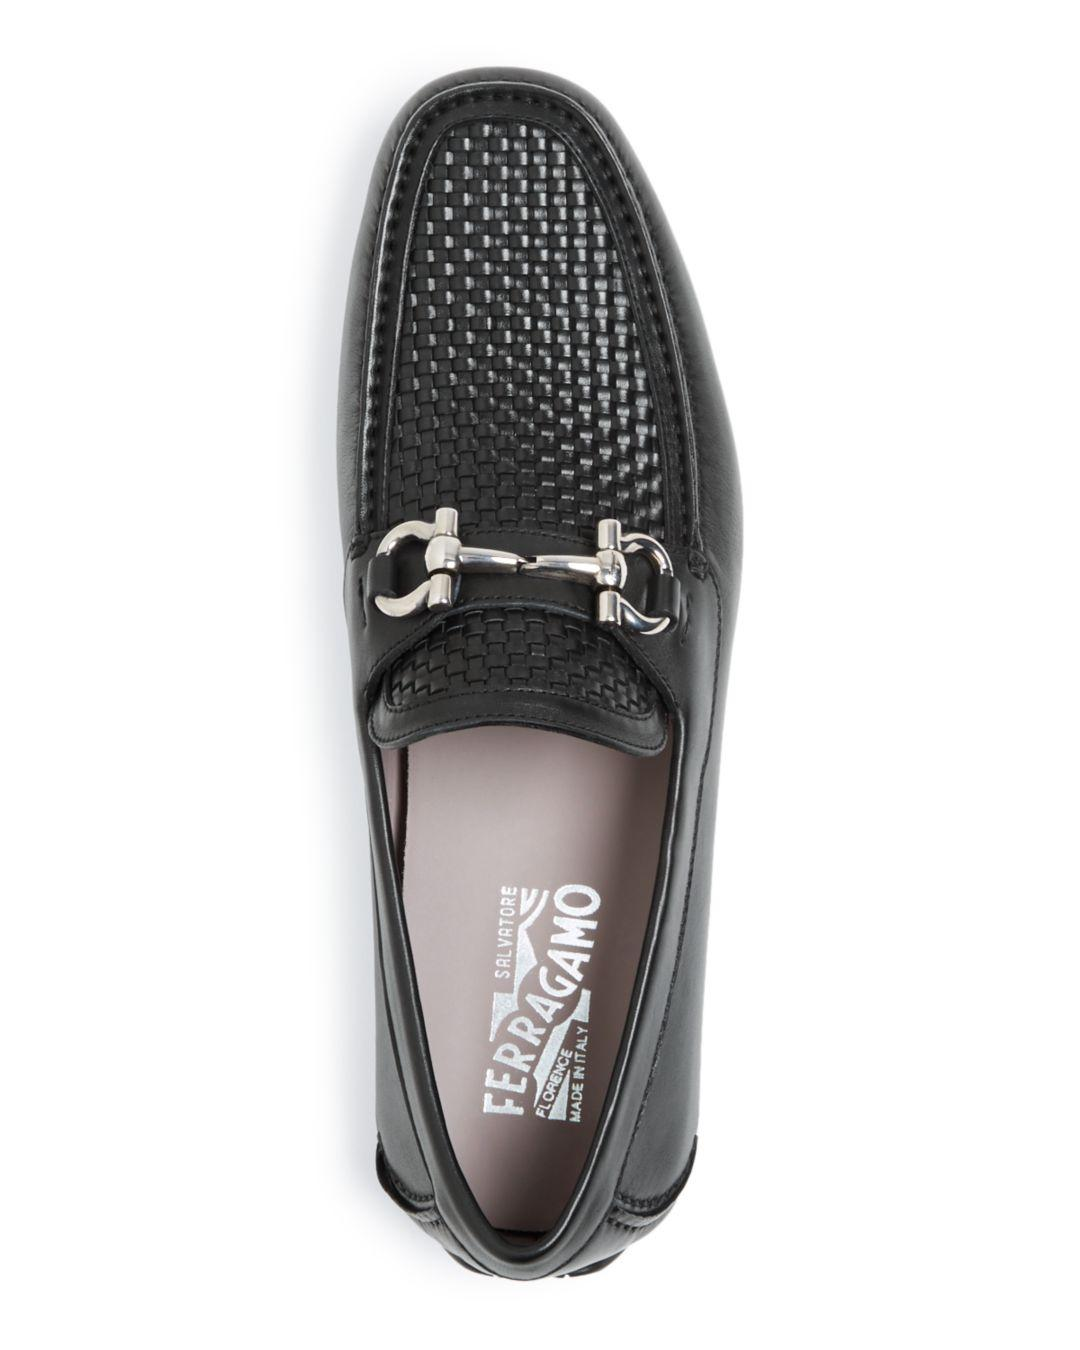 2ace593bd68 Lyst - Ferragamo Men s Parigi Woven Leather Drivers in Black for Men